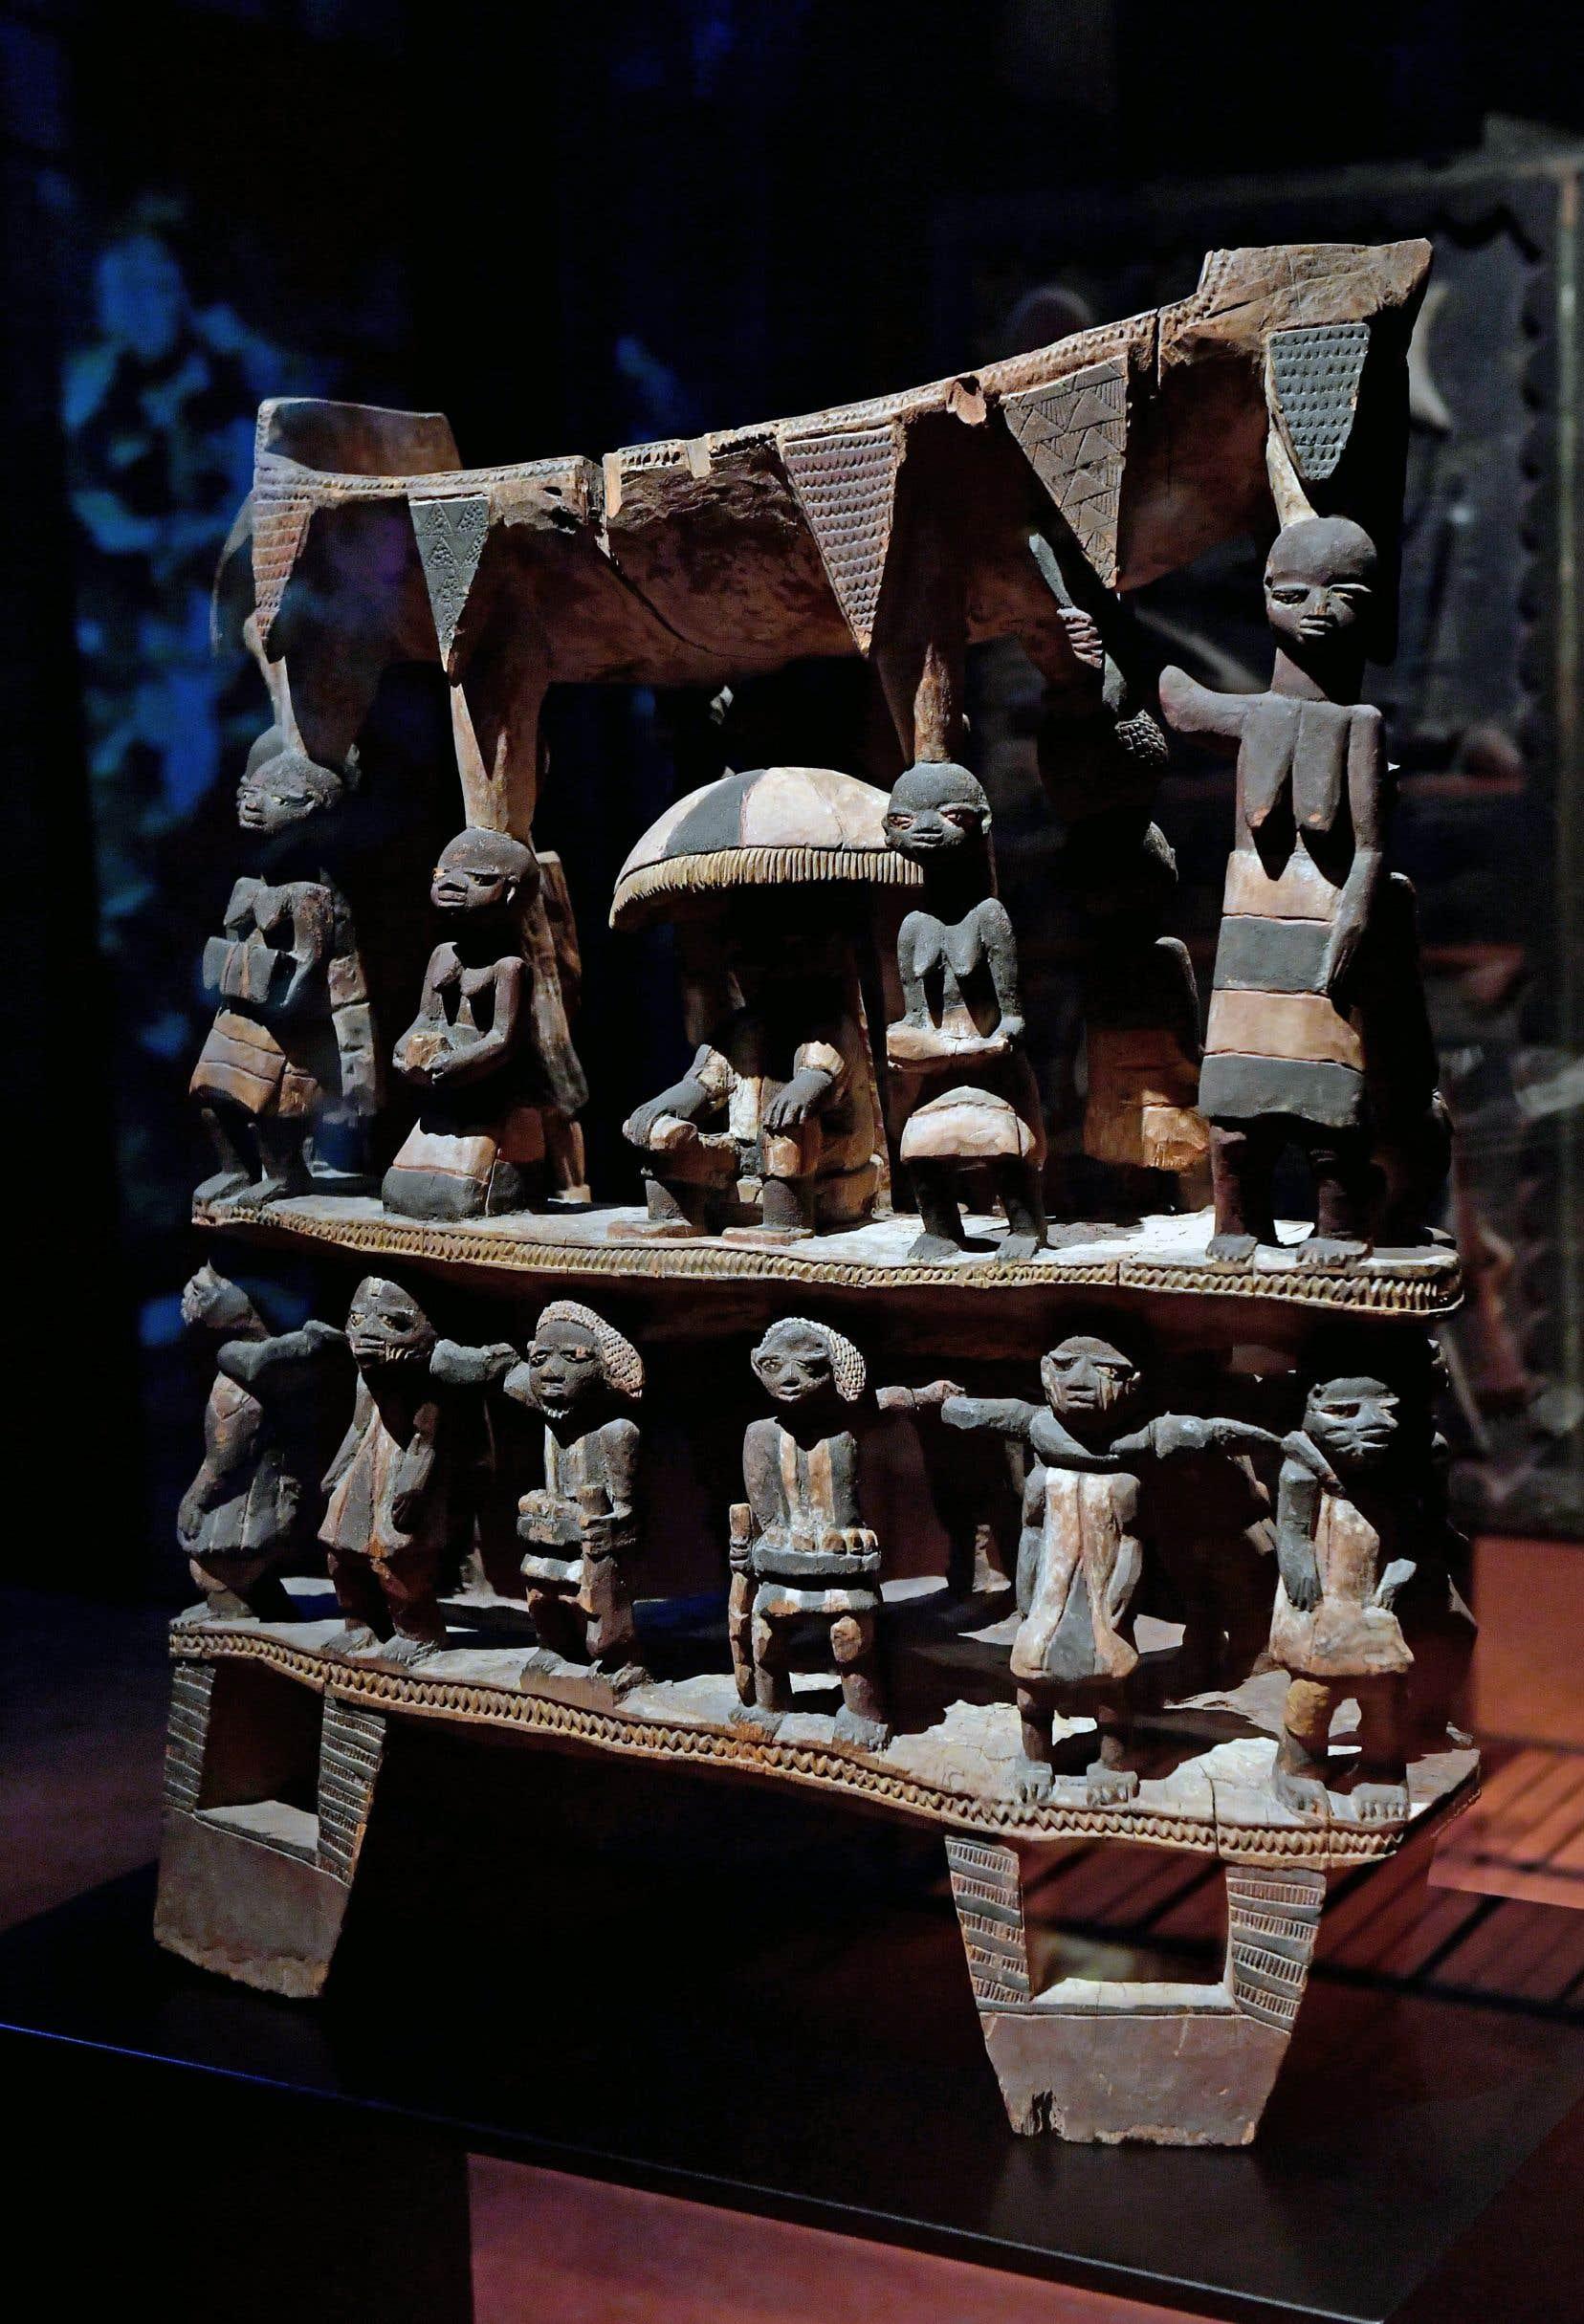 Le trône du royaume de Dahomey (Bénin actuel), datant du début du XIXesiècle, est conservé au musée du quai Branly, à Paris.